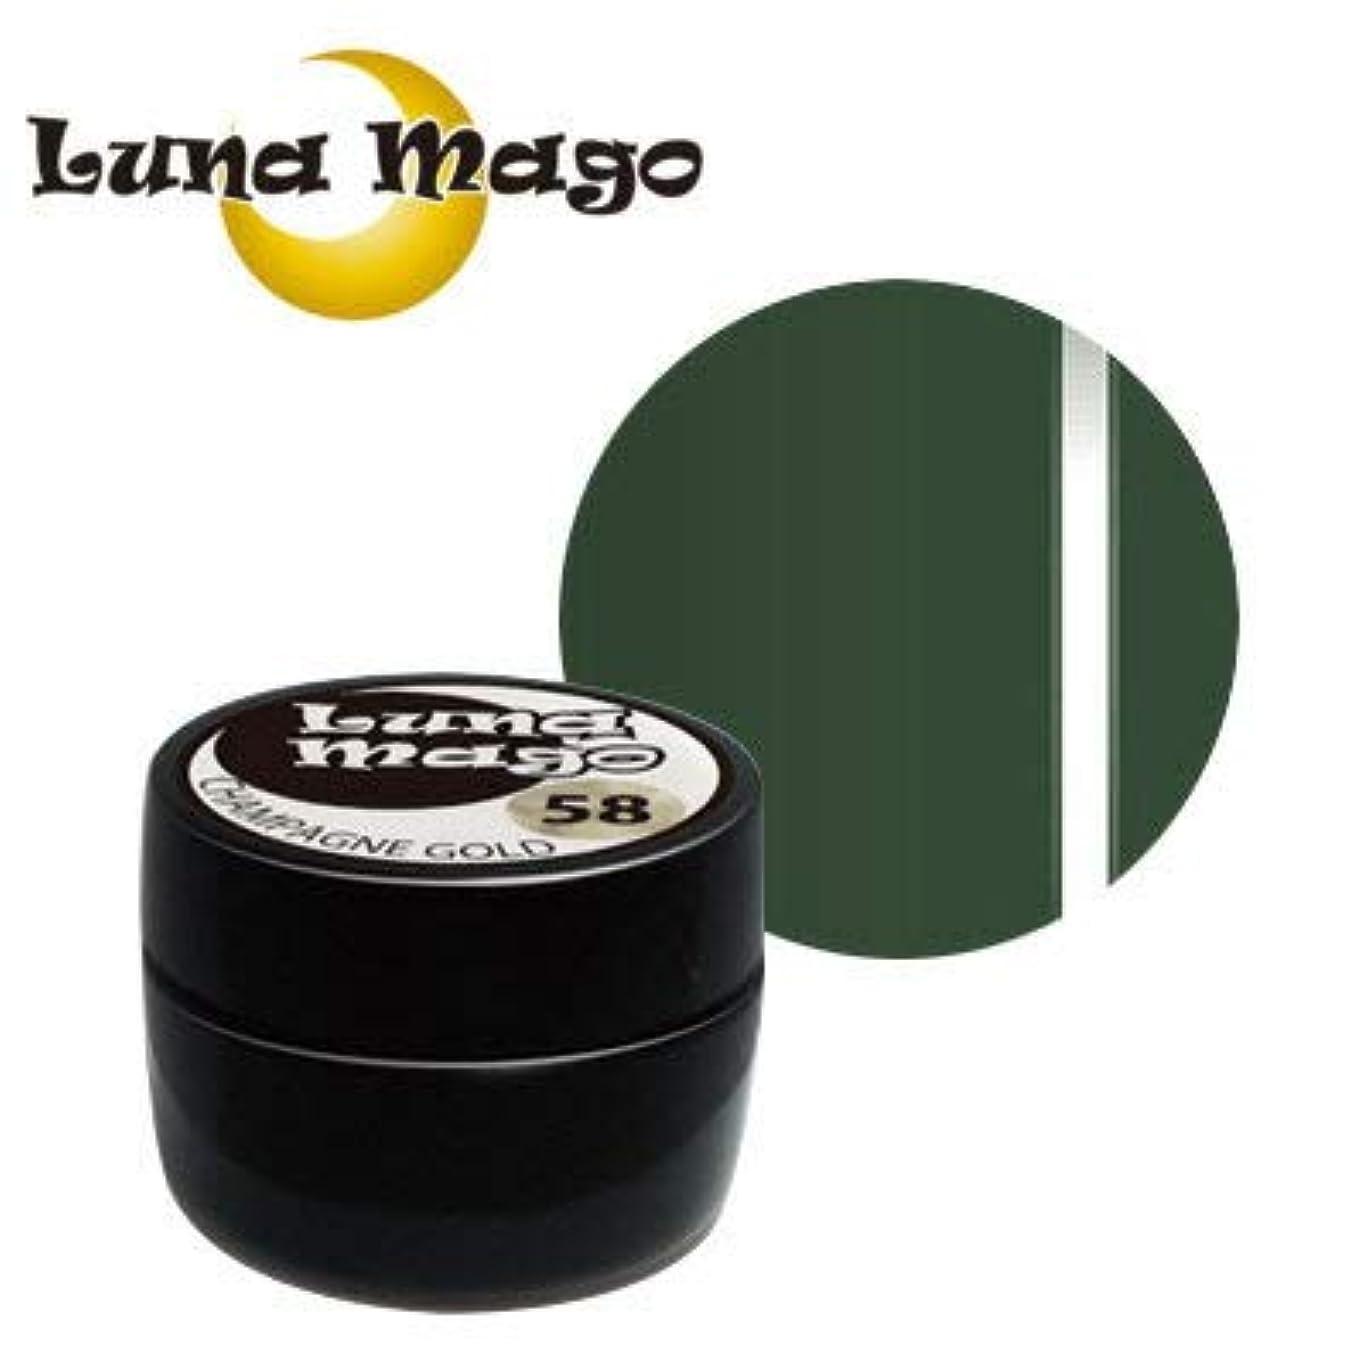 戦艦合成代理店Luna Mago カラージェル 5g 054 リーフ